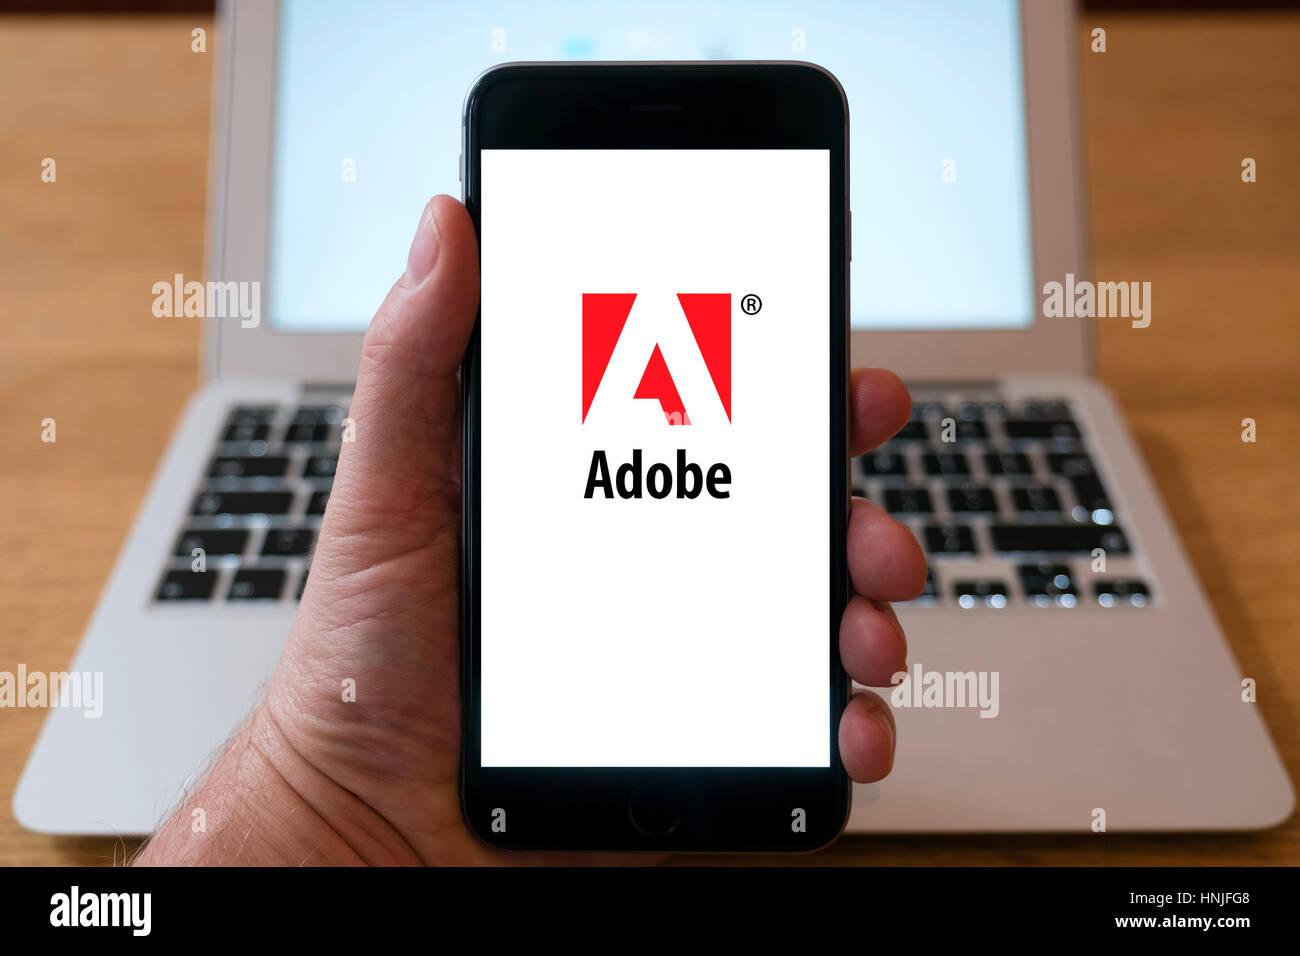 Logotipo de la empresa de software Adobe en la pantalla del teléfono inteligente. Imagen De Stock